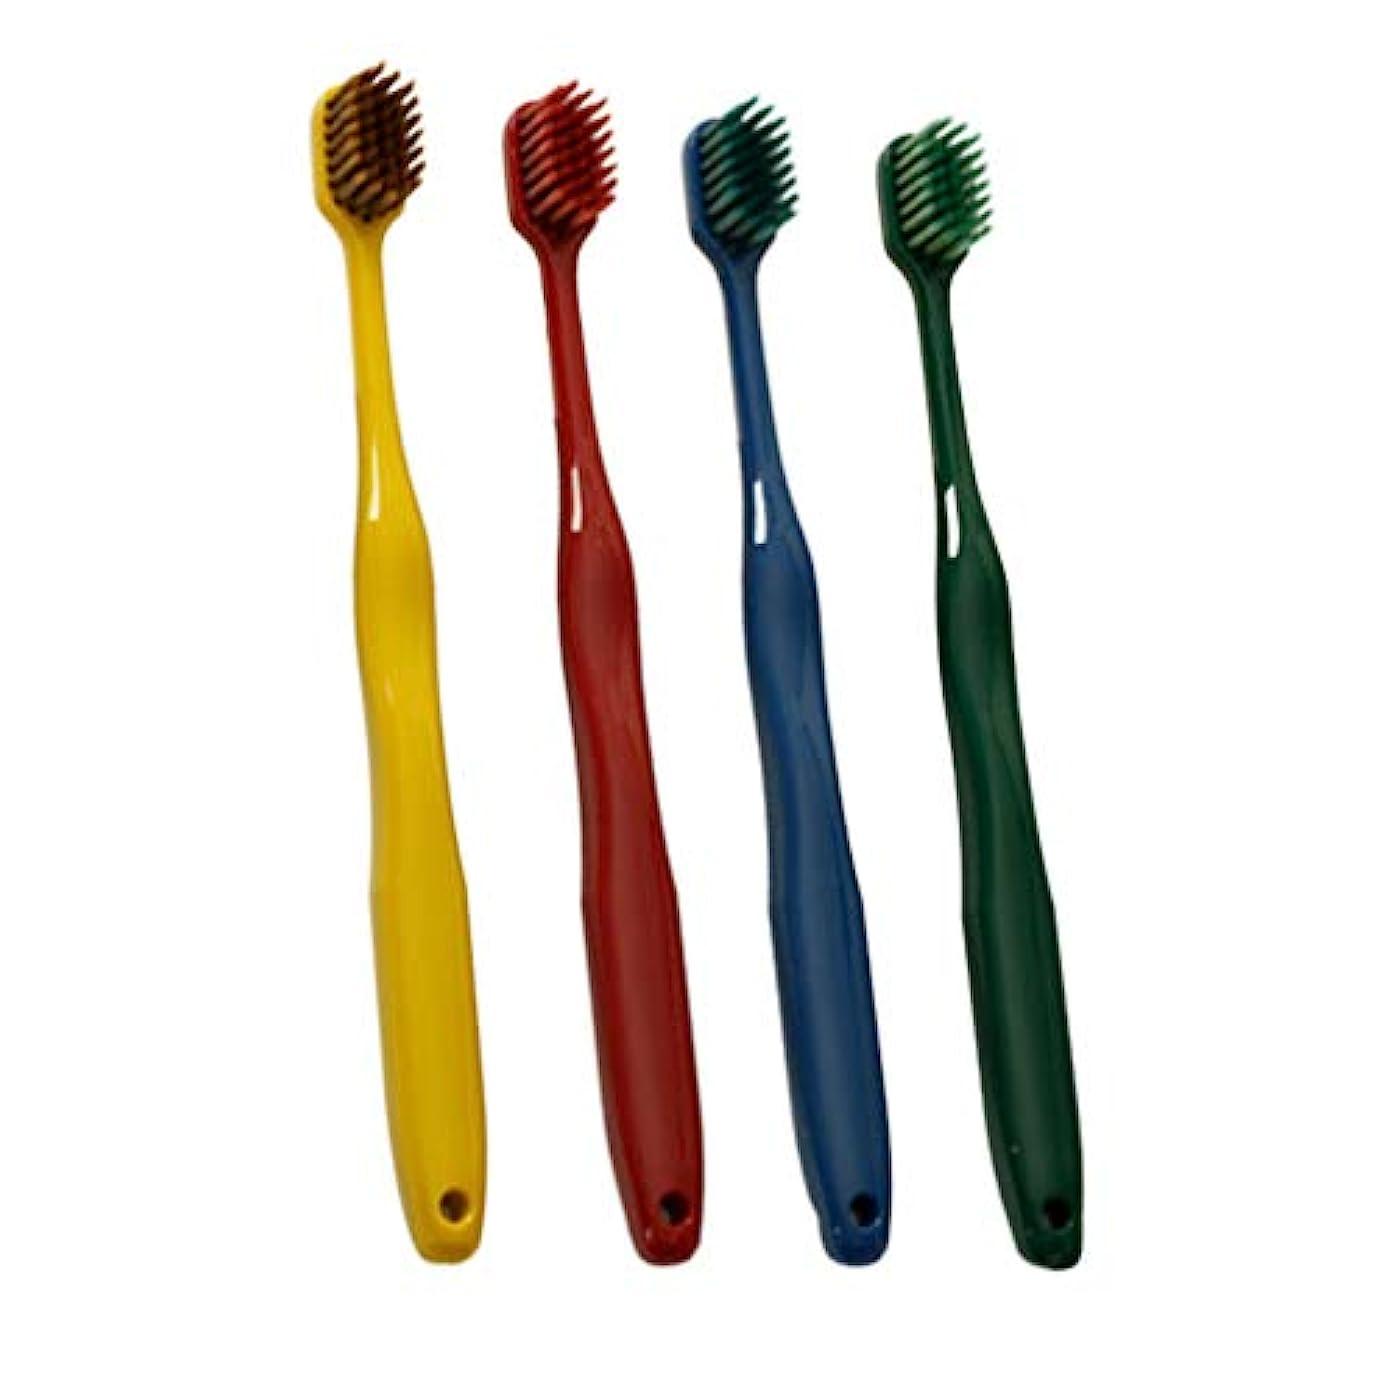 マウスピース展示会浮浪者Healifty 大人4pcsのための歯ブラシの柔らかい剛毛の歯ブラシ